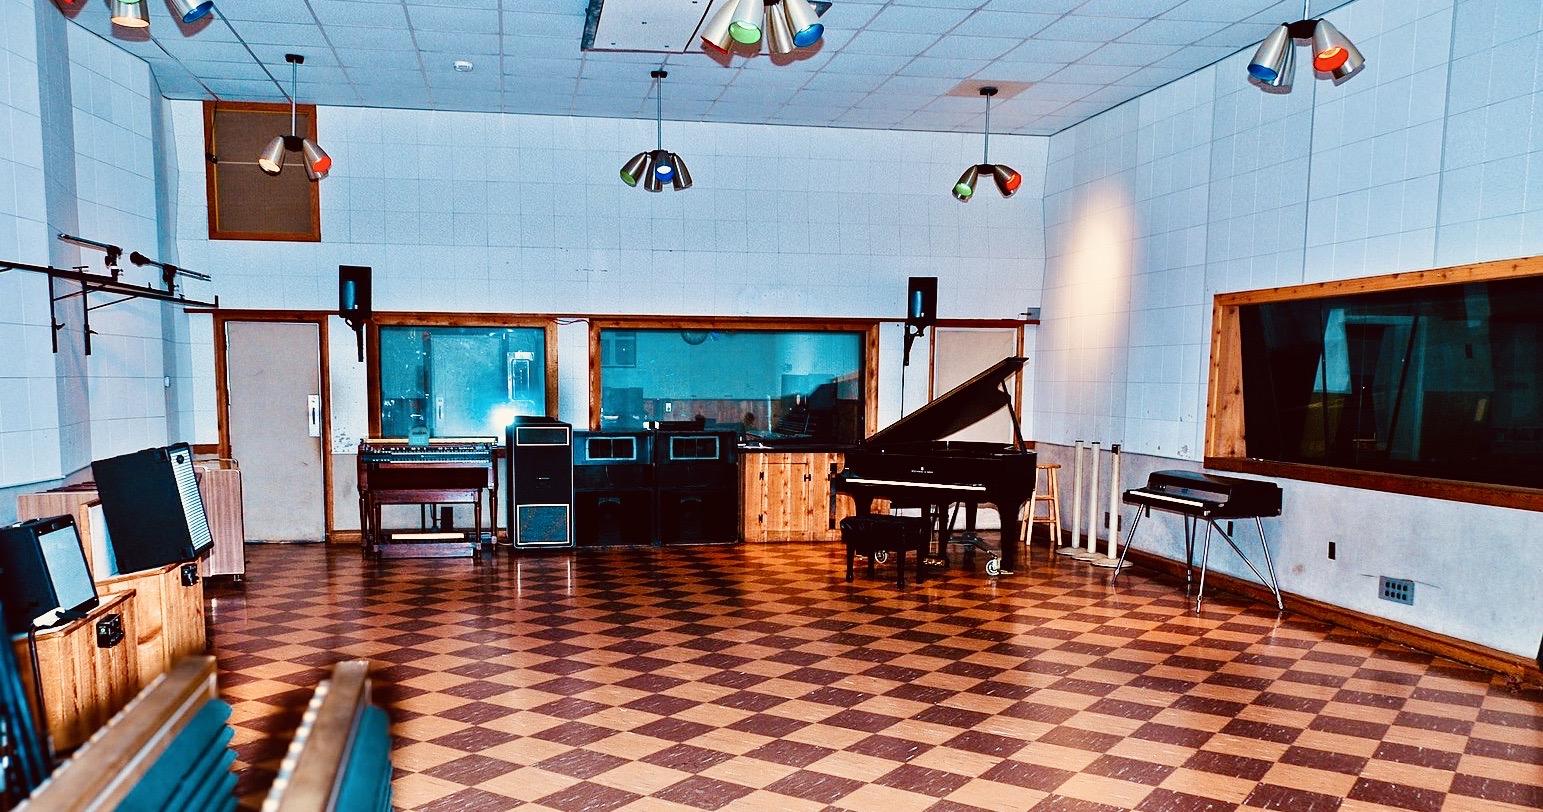 Nashville Nostalgia inside RCA Studio B.